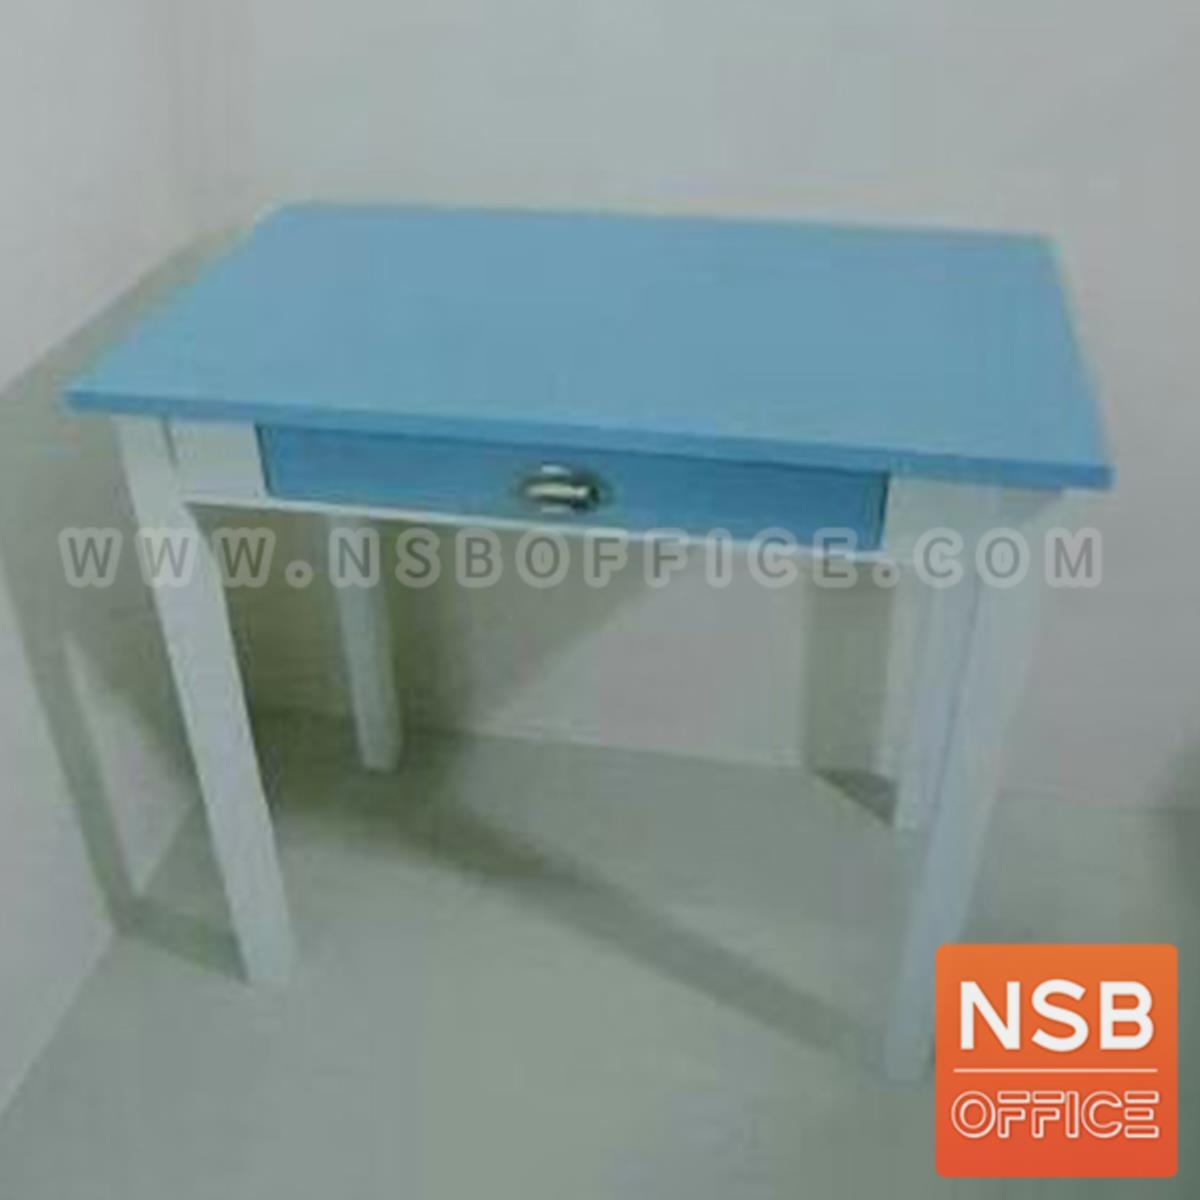 โต๊ะไม้ยางพารา 1 ลิ้นชัก รุ่น Dacian (ดาเชียน) ขนาด 80W cm.